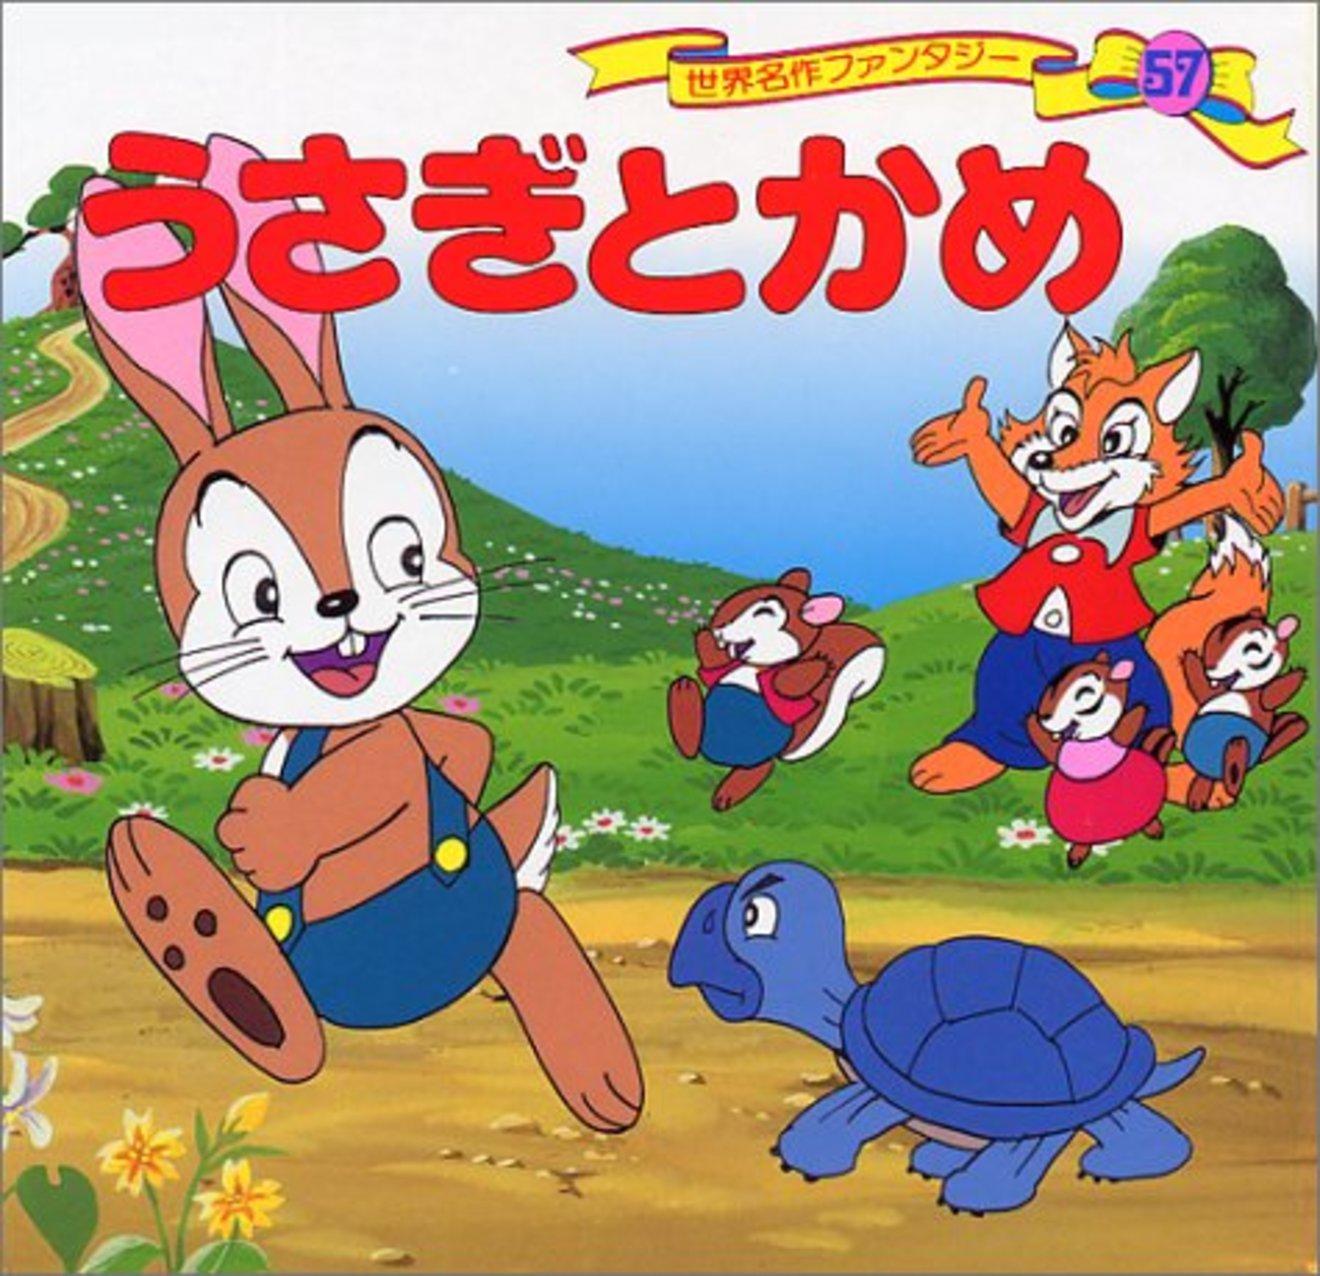 「ウサギとカメ」が本当に伝えたい事とは。教訓を考察!あらすじや続きも紹介